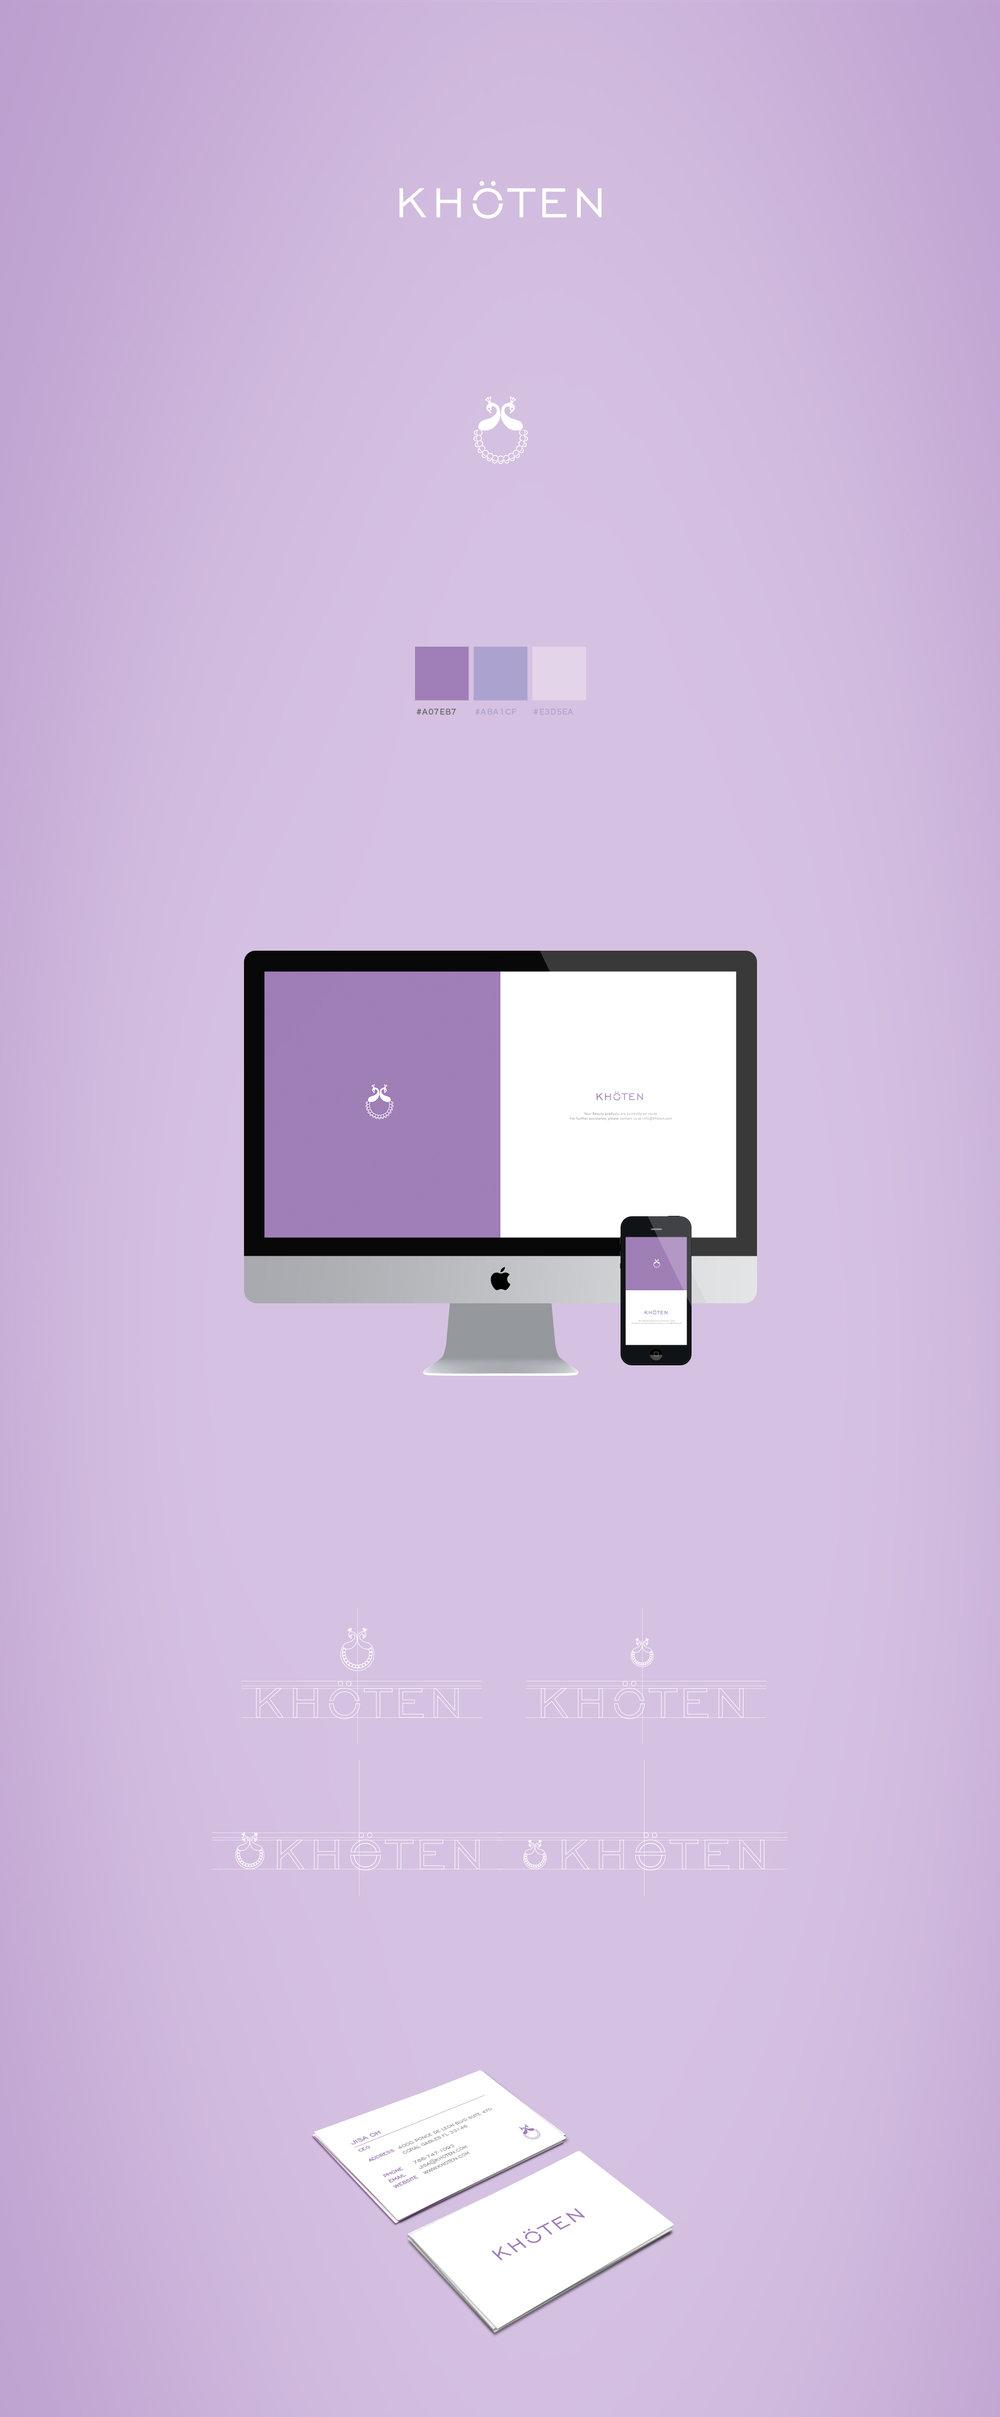 Khoten brand identity design by Sander Gee